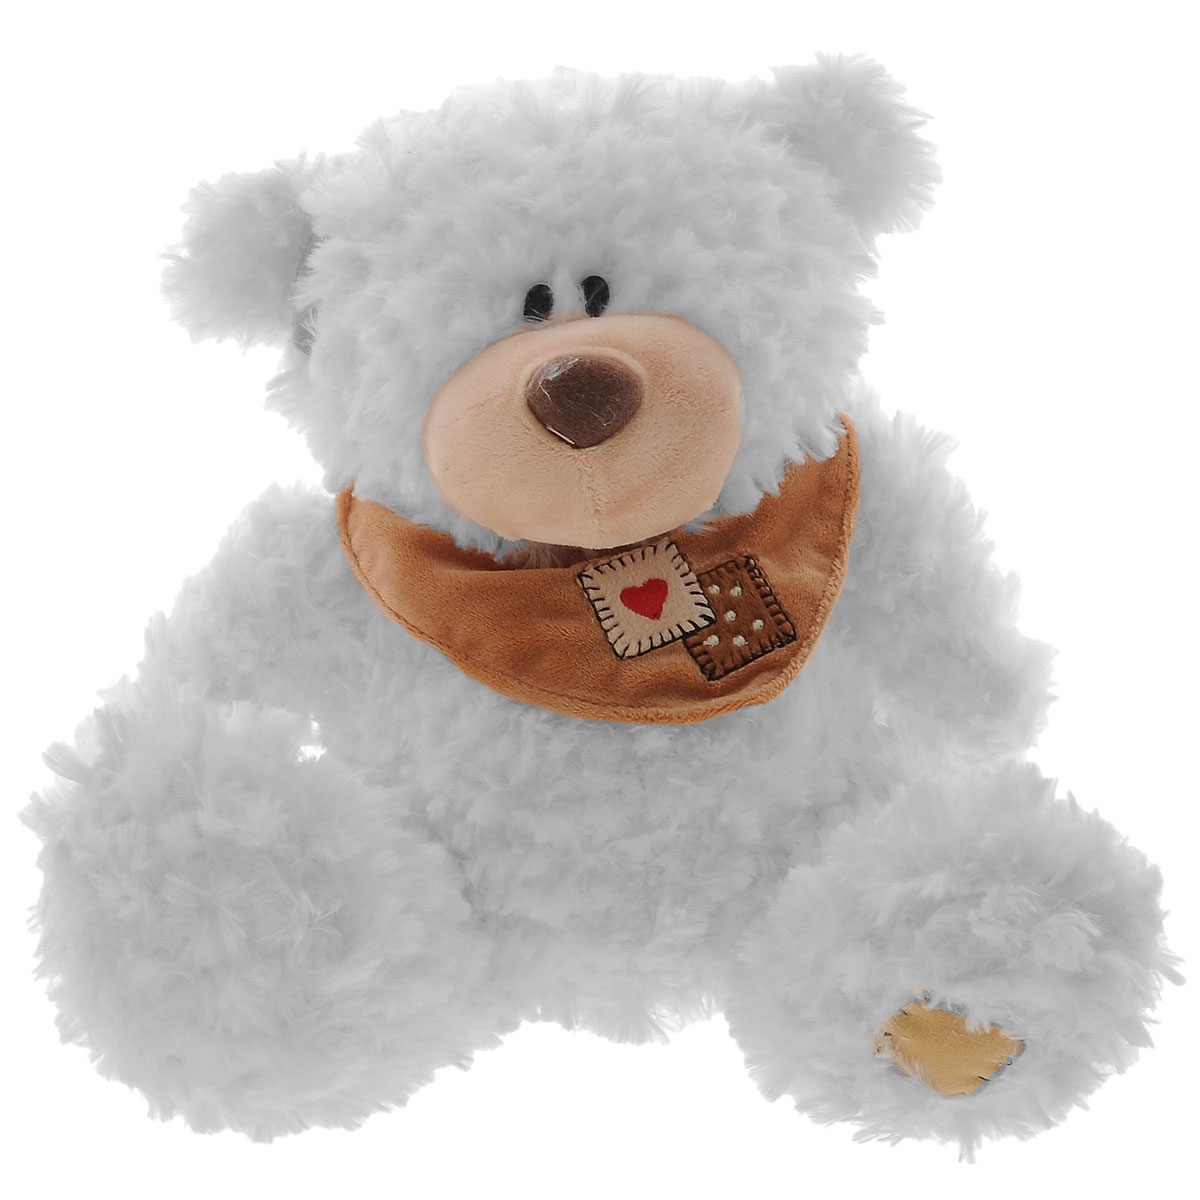 Plush Apple Мягкая музыкальная игрушка Медведь с шарфом, 25 см